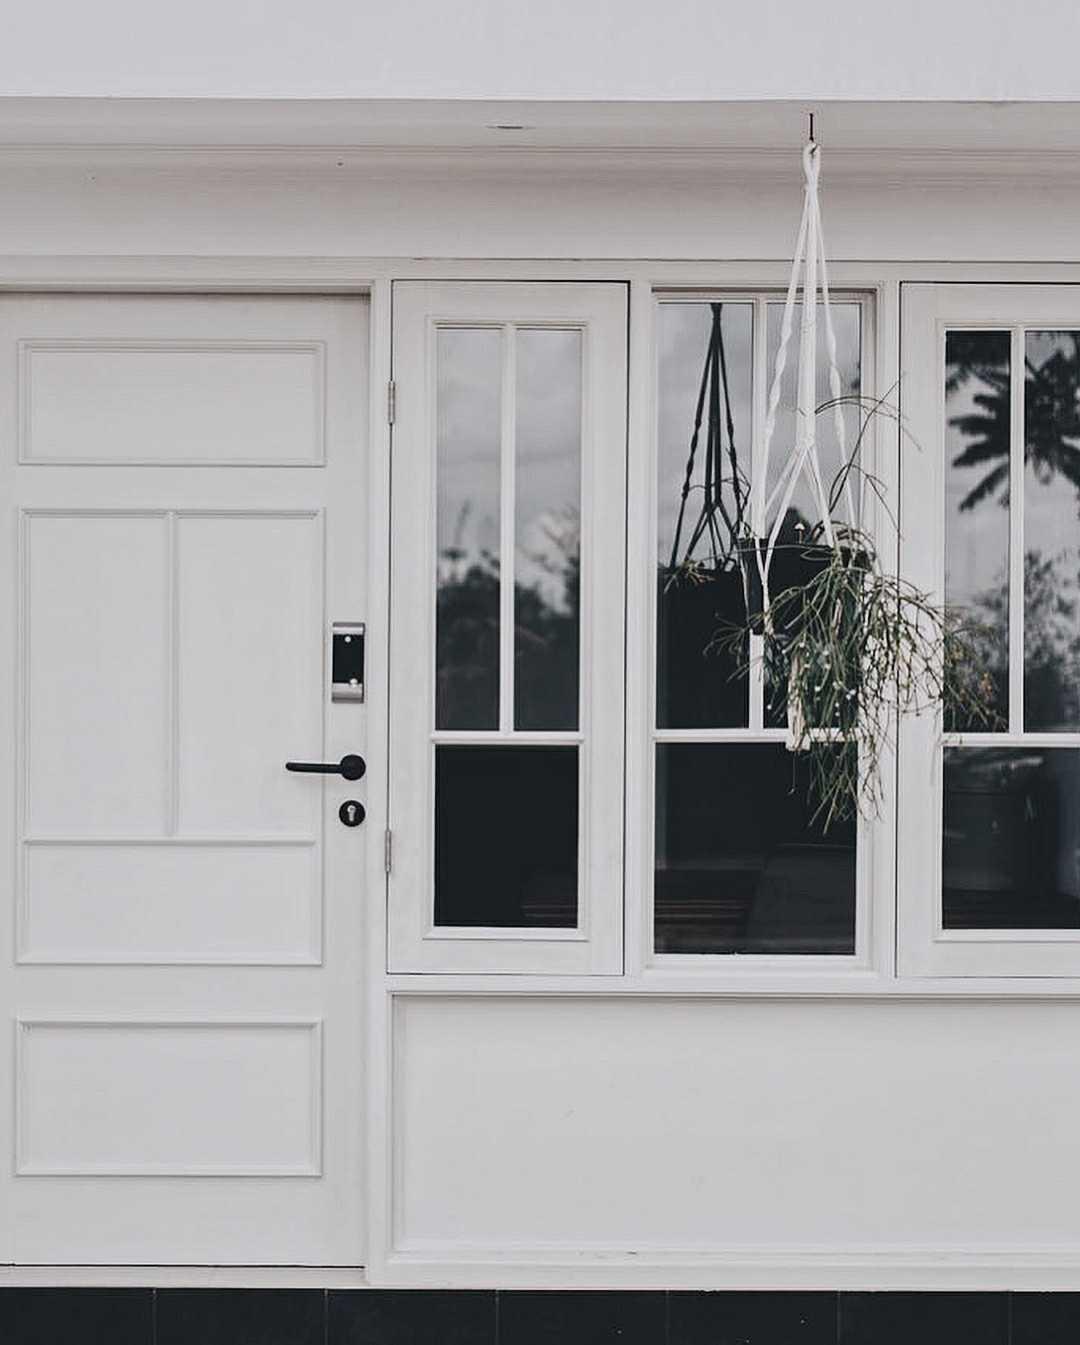 Hara House yang berada di Bandung, Jawa Barat adalah salah satu rumah yang didesain dengan gaya Skandinavian yang kental. Sang desainer, Dendy Darman berhasil membuktikan bahwa kita tidak perlu sesuatu yang megah untuk jatuh cinta.